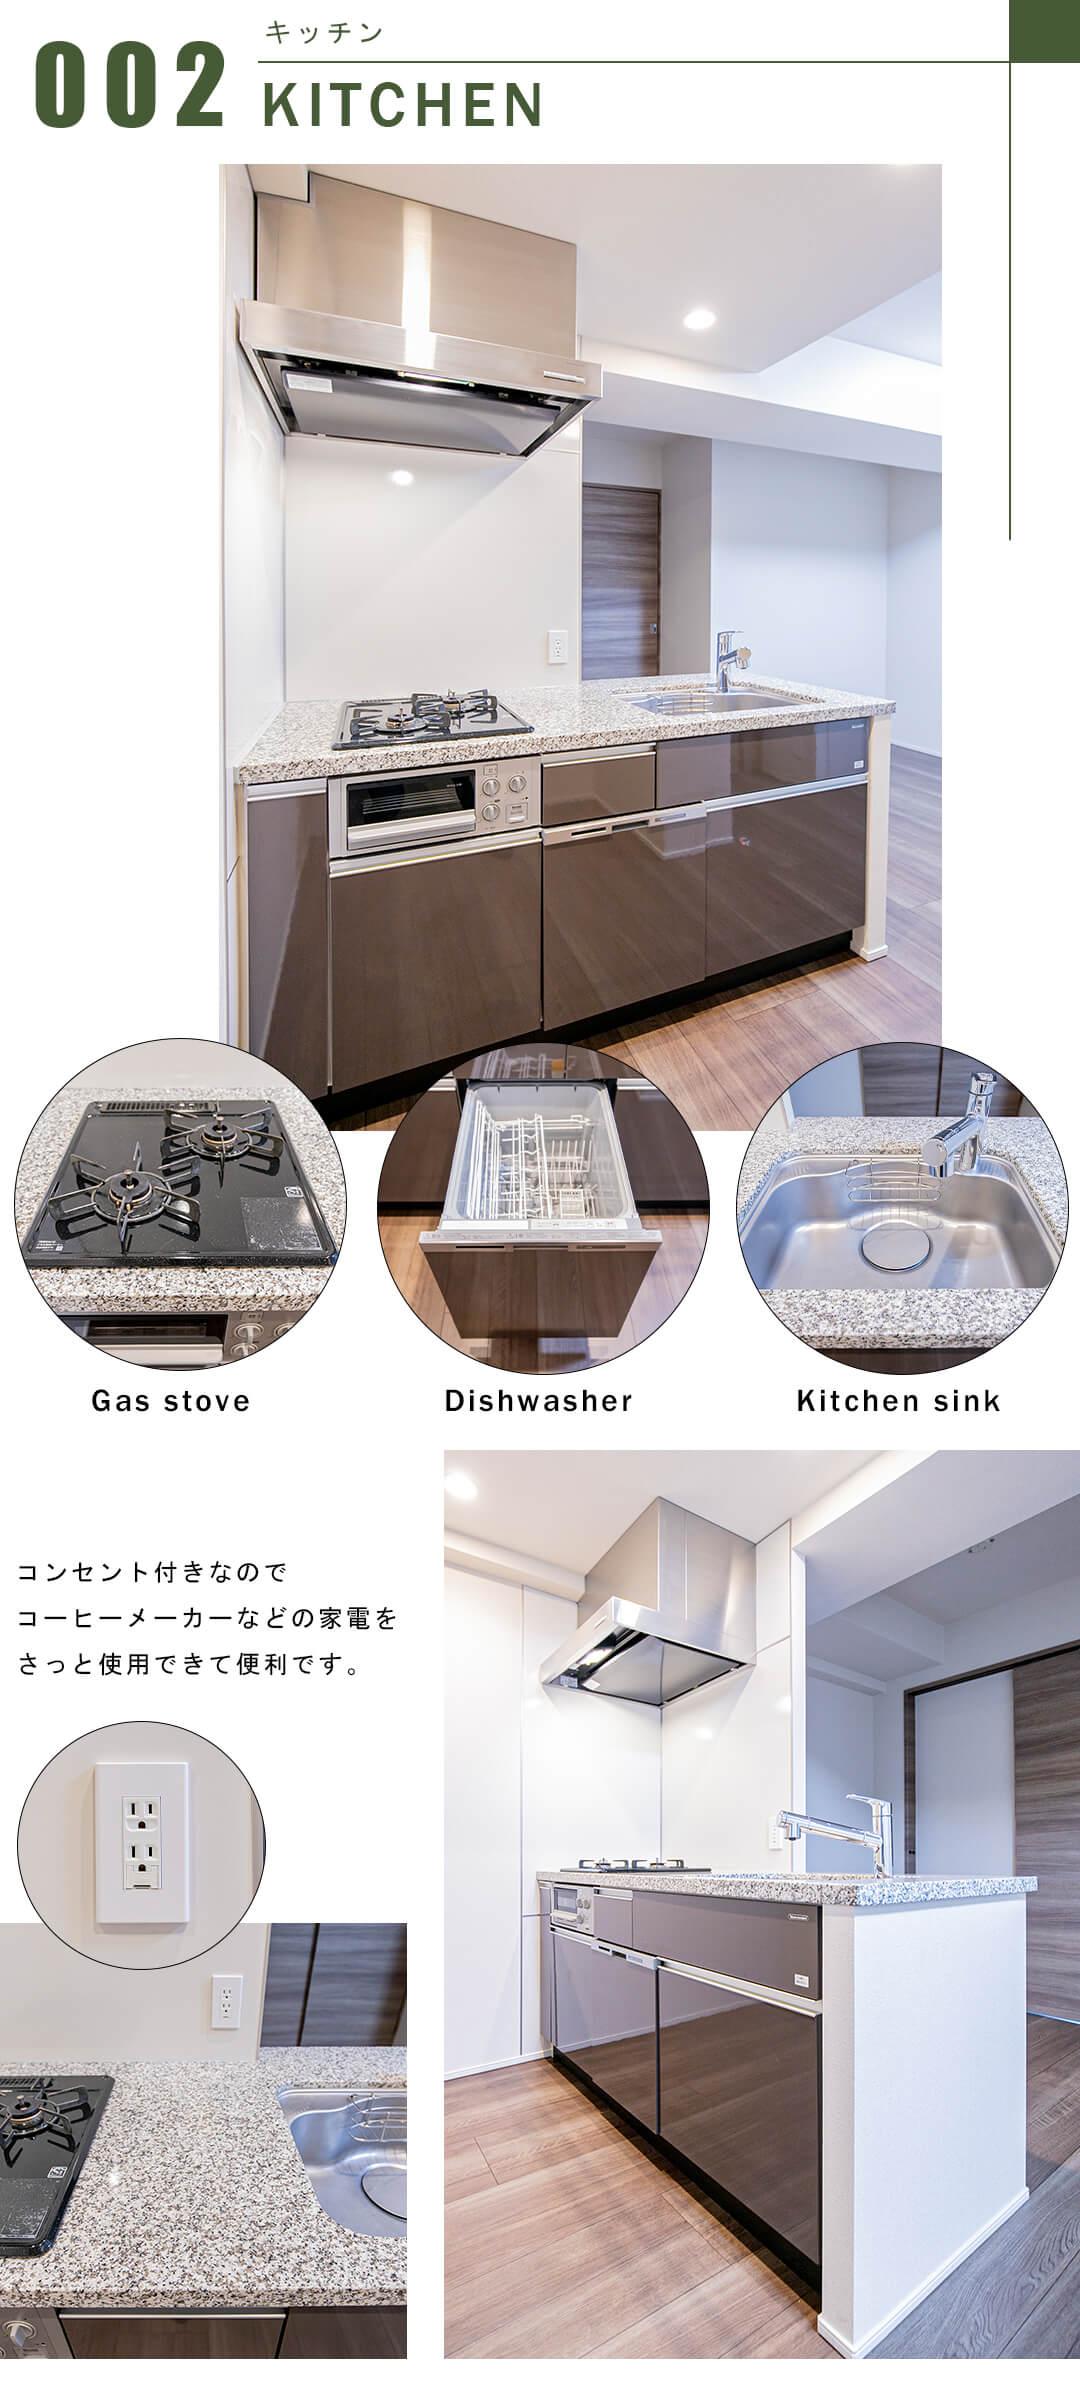 オープンレジデンシア千駄木のキッチン